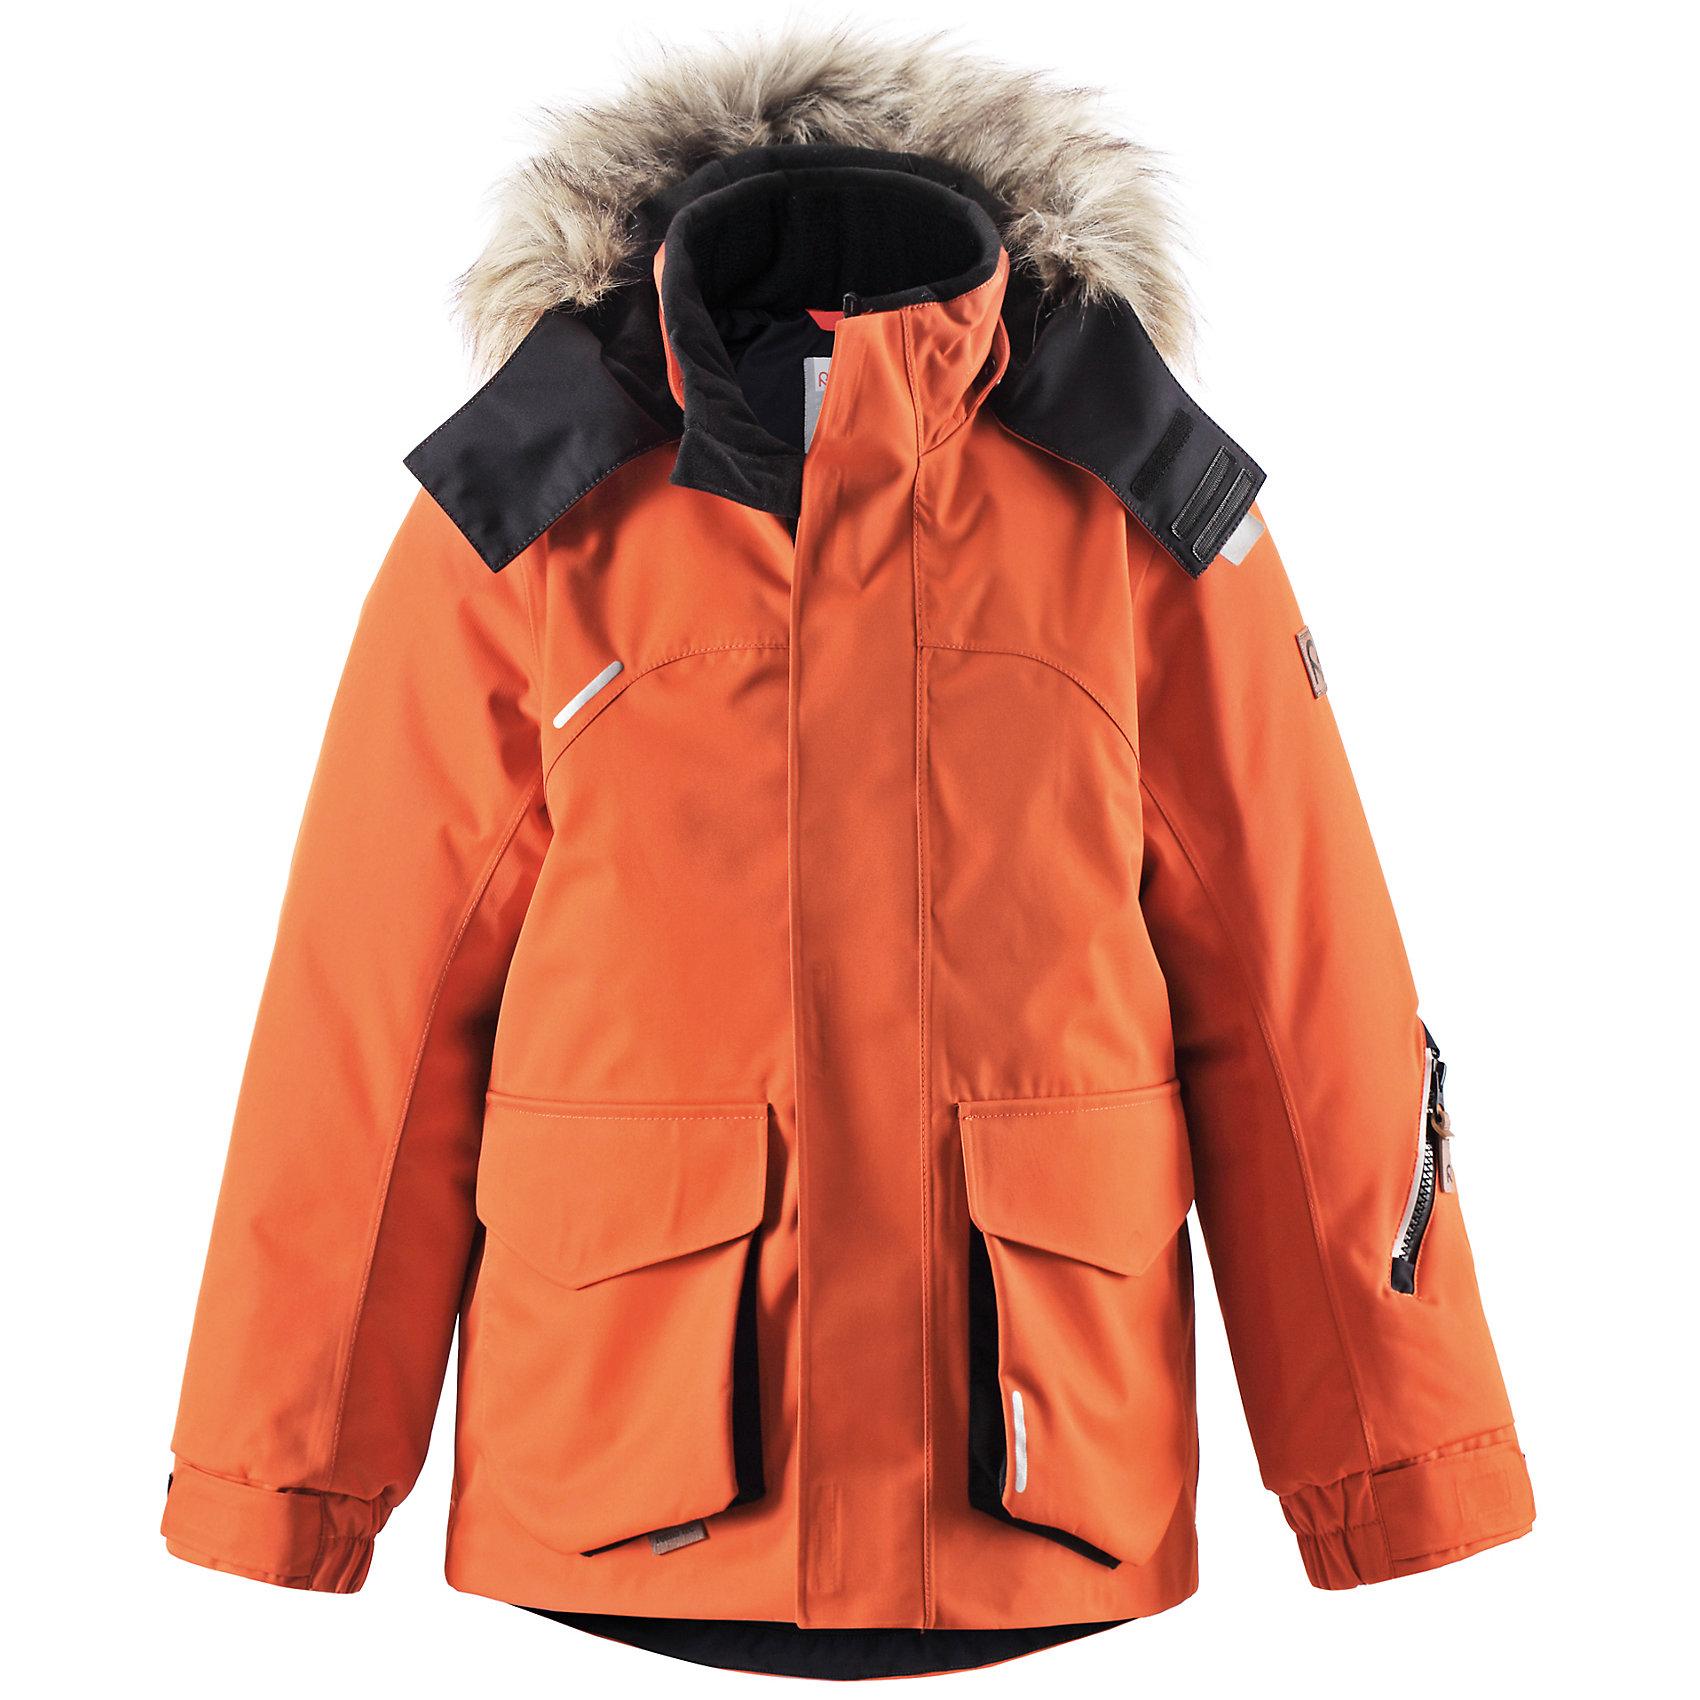 Куртка Reimatec ReimaКуртка Reimatec от финской марки Reima.<br>*Водонепроницаемая зимняя куртка для подростков, модель для мальчиков<br>*Основной материал - bluesign®<br>*Все швы проклеены, водонепроницаемы<br>*Безопасный съёмный регулируемый капюшон, украшенный отстёгивающимся искусственным мехом<br>*Два боковых кармана с клапанами<br>*Регулируемый подол<br><br>Состав:<br>100% ПА, ПУ-покрытие<br><br>Ширина мм: 356<br>Глубина мм: 10<br>Высота мм: 245<br>Вес г: 519<br>Цвет: оранжевый<br>Возраст от месяцев: 36<br>Возраст до месяцев: 48<br>Пол: Унисекс<br>Возраст: Детский<br>Размер: 104,164,110,122,116<br>SKU: 4632033